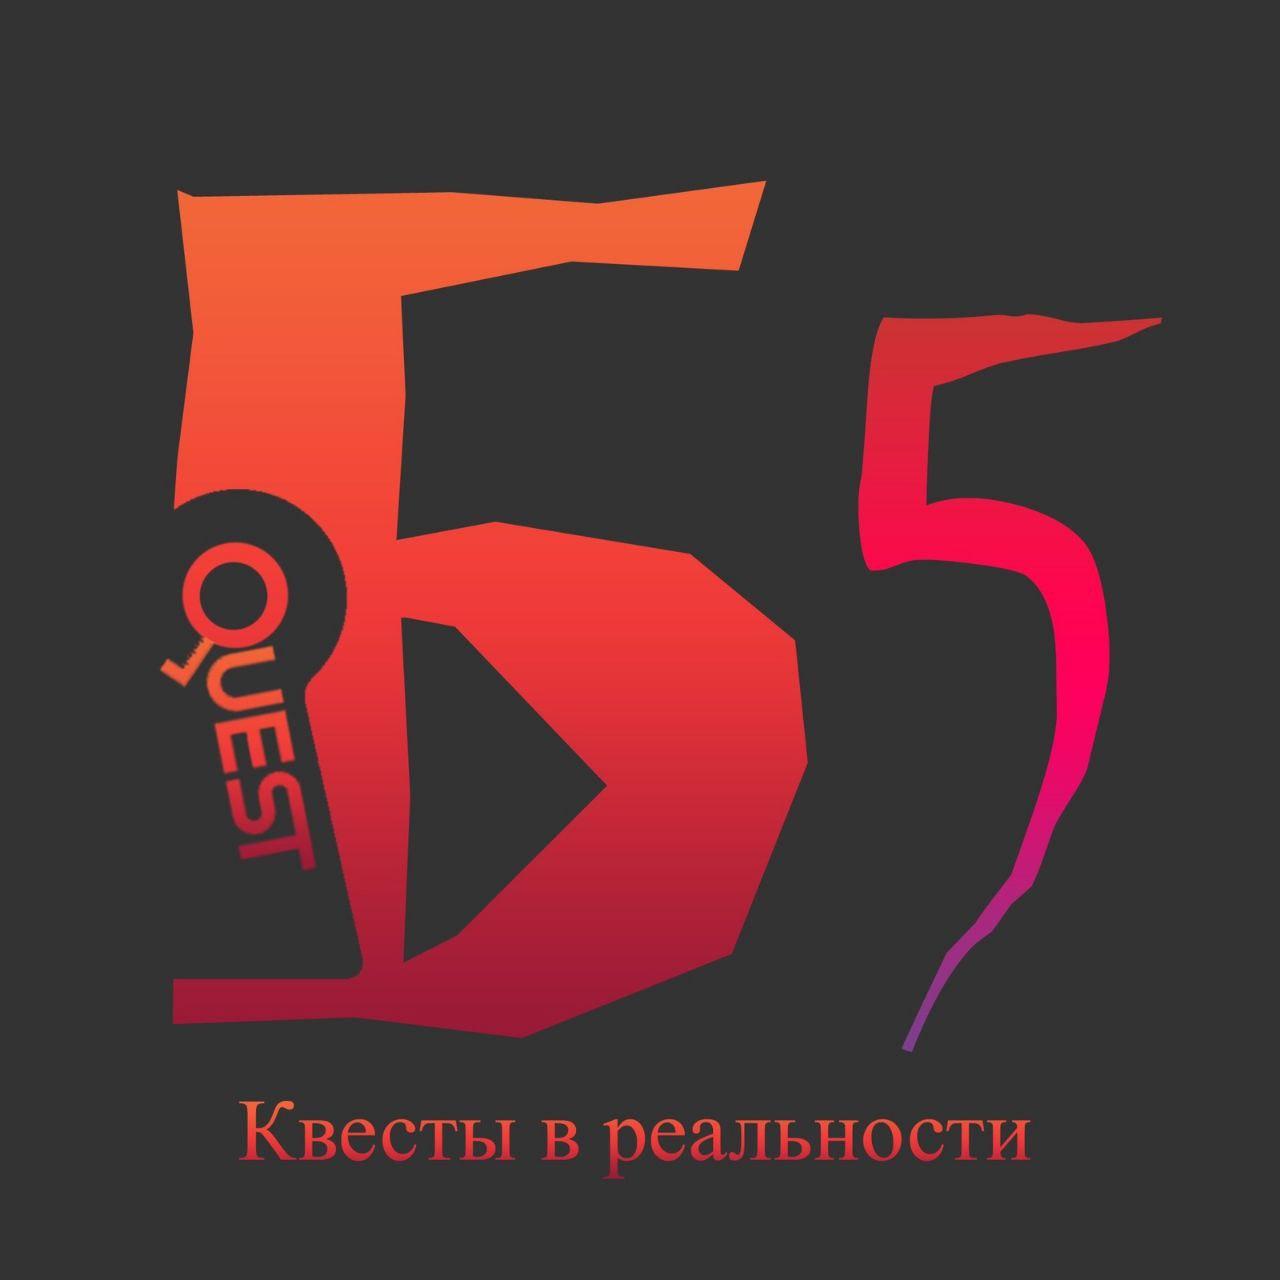 """Квест """"Пила: начало"""" за 11,90 руб/до 9 человек от B5-Quest room в Гомеле"""